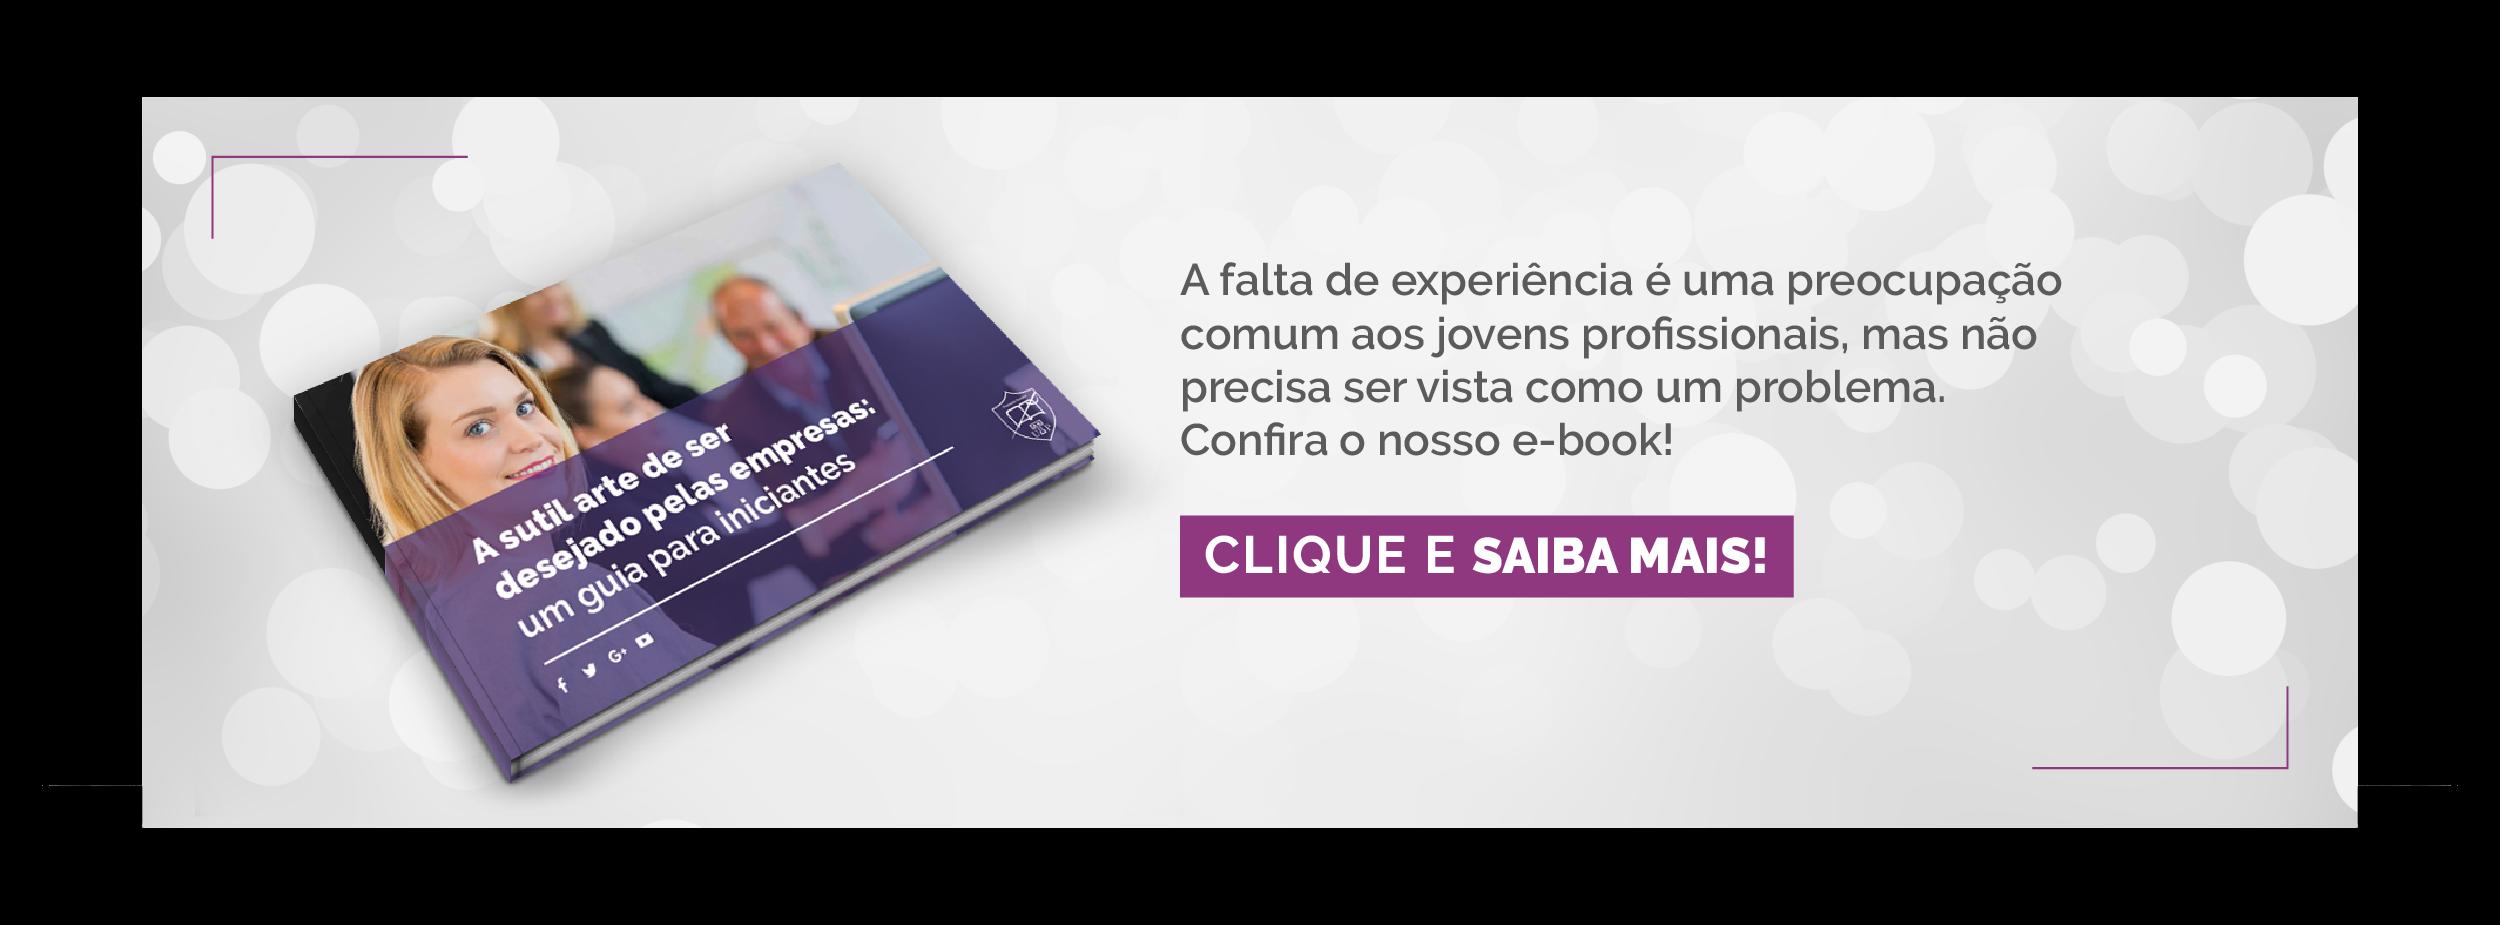 E-book - A sutil arte de ser desejado pelas empresas